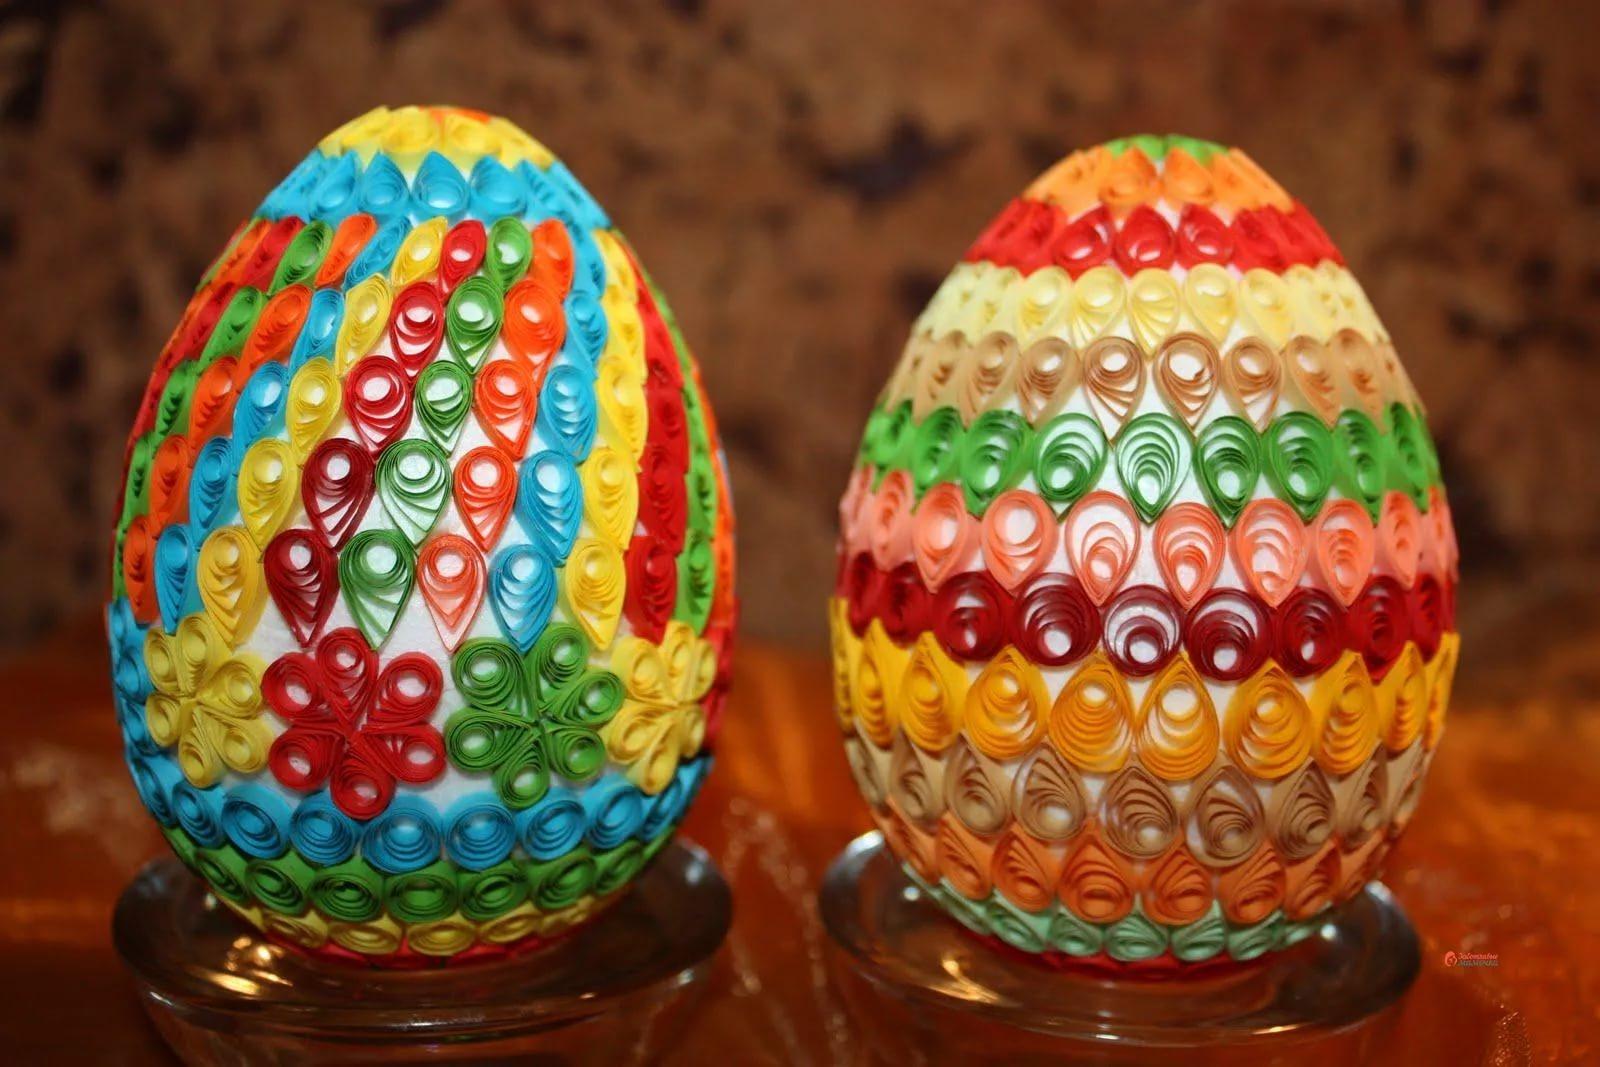 Необычные способы окрашивания и декорирования пасхальных яиц - истории - u24.ru